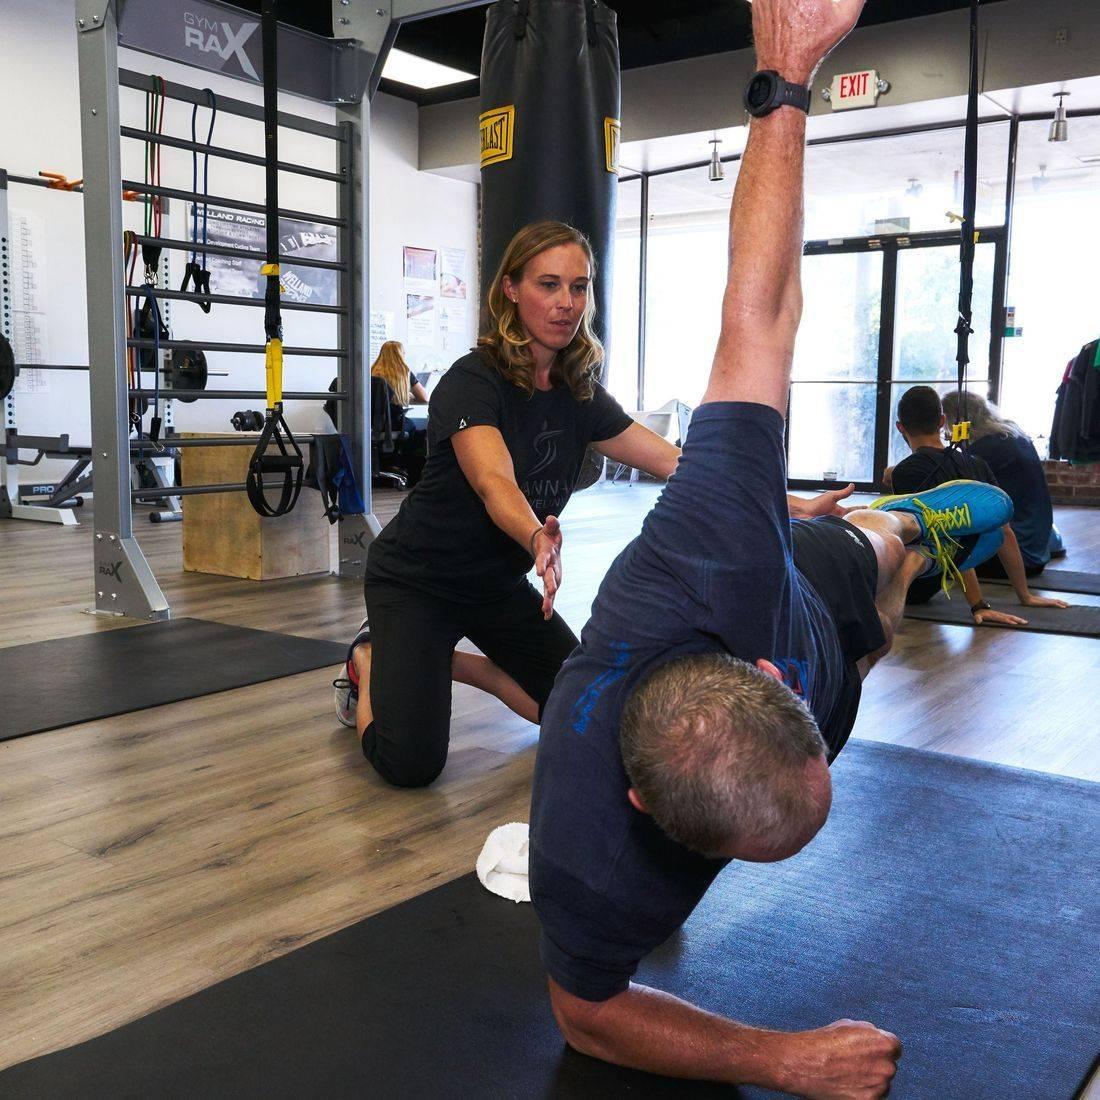 personal trainer savannah ga, personal trainer near me, functional training near me, TRX savannah ga